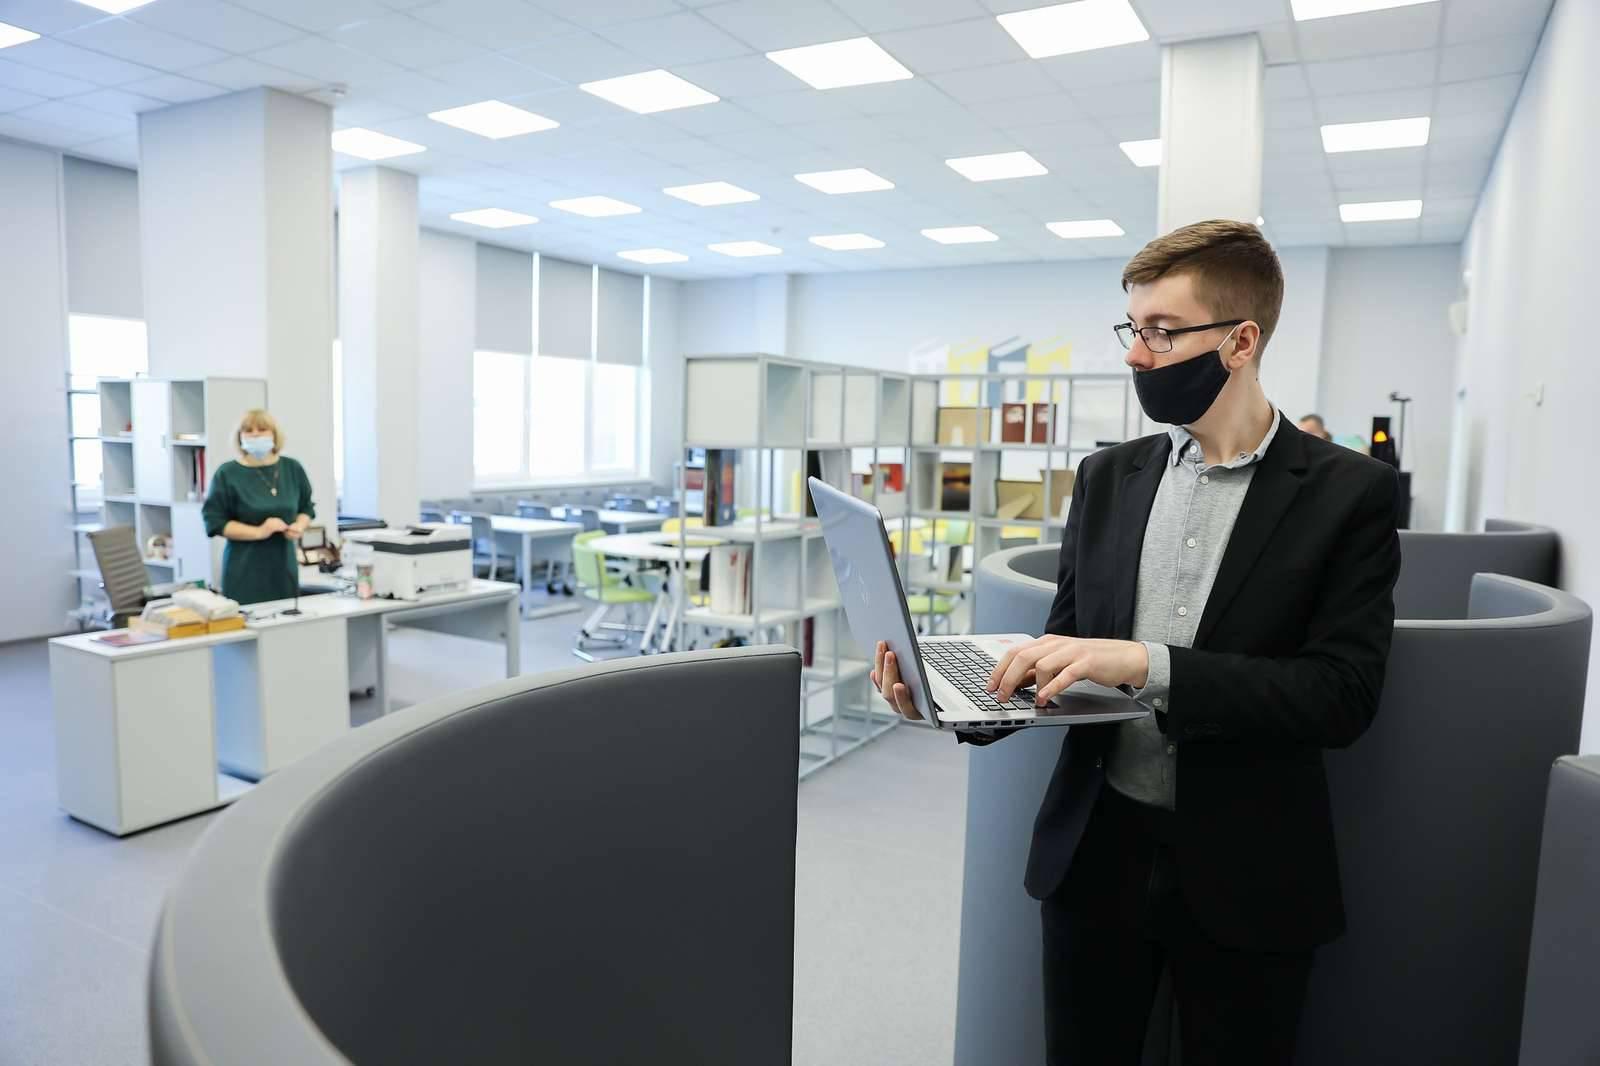 Свыше 10 школ Подмосковья вошло в число лучших в России | Изображение 1